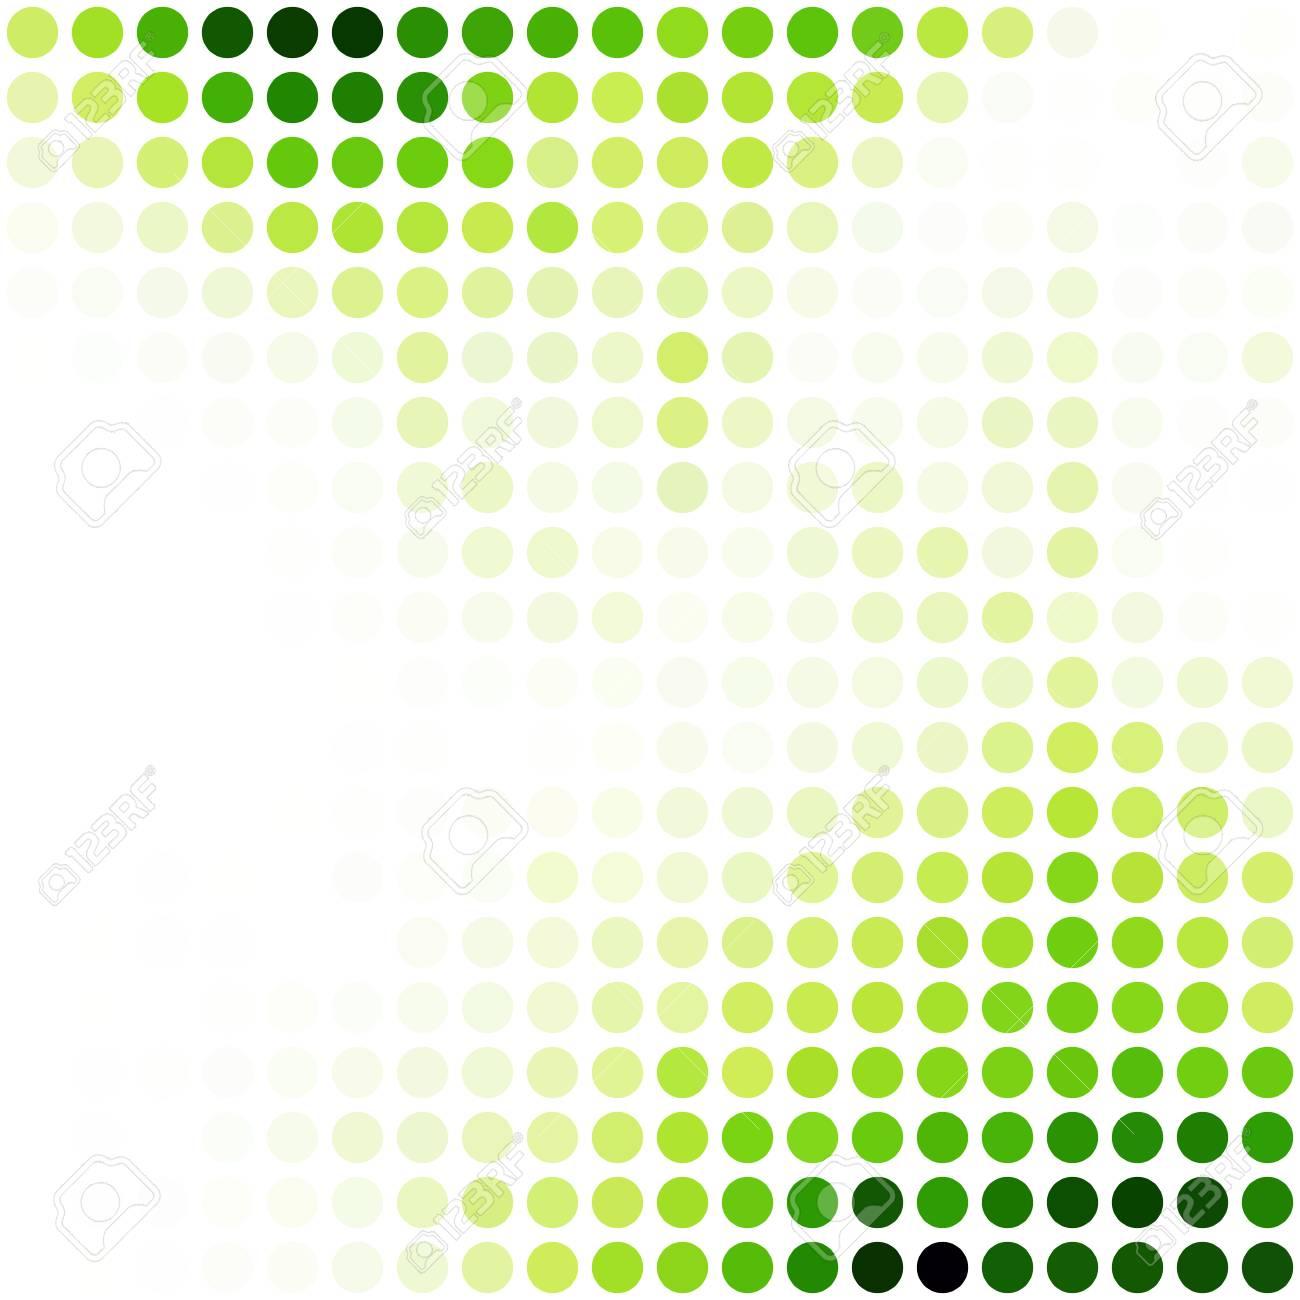 Grün Zufalls Dots Hintergrund, Kreatives Design Vorlagen Lizenzfrei ...